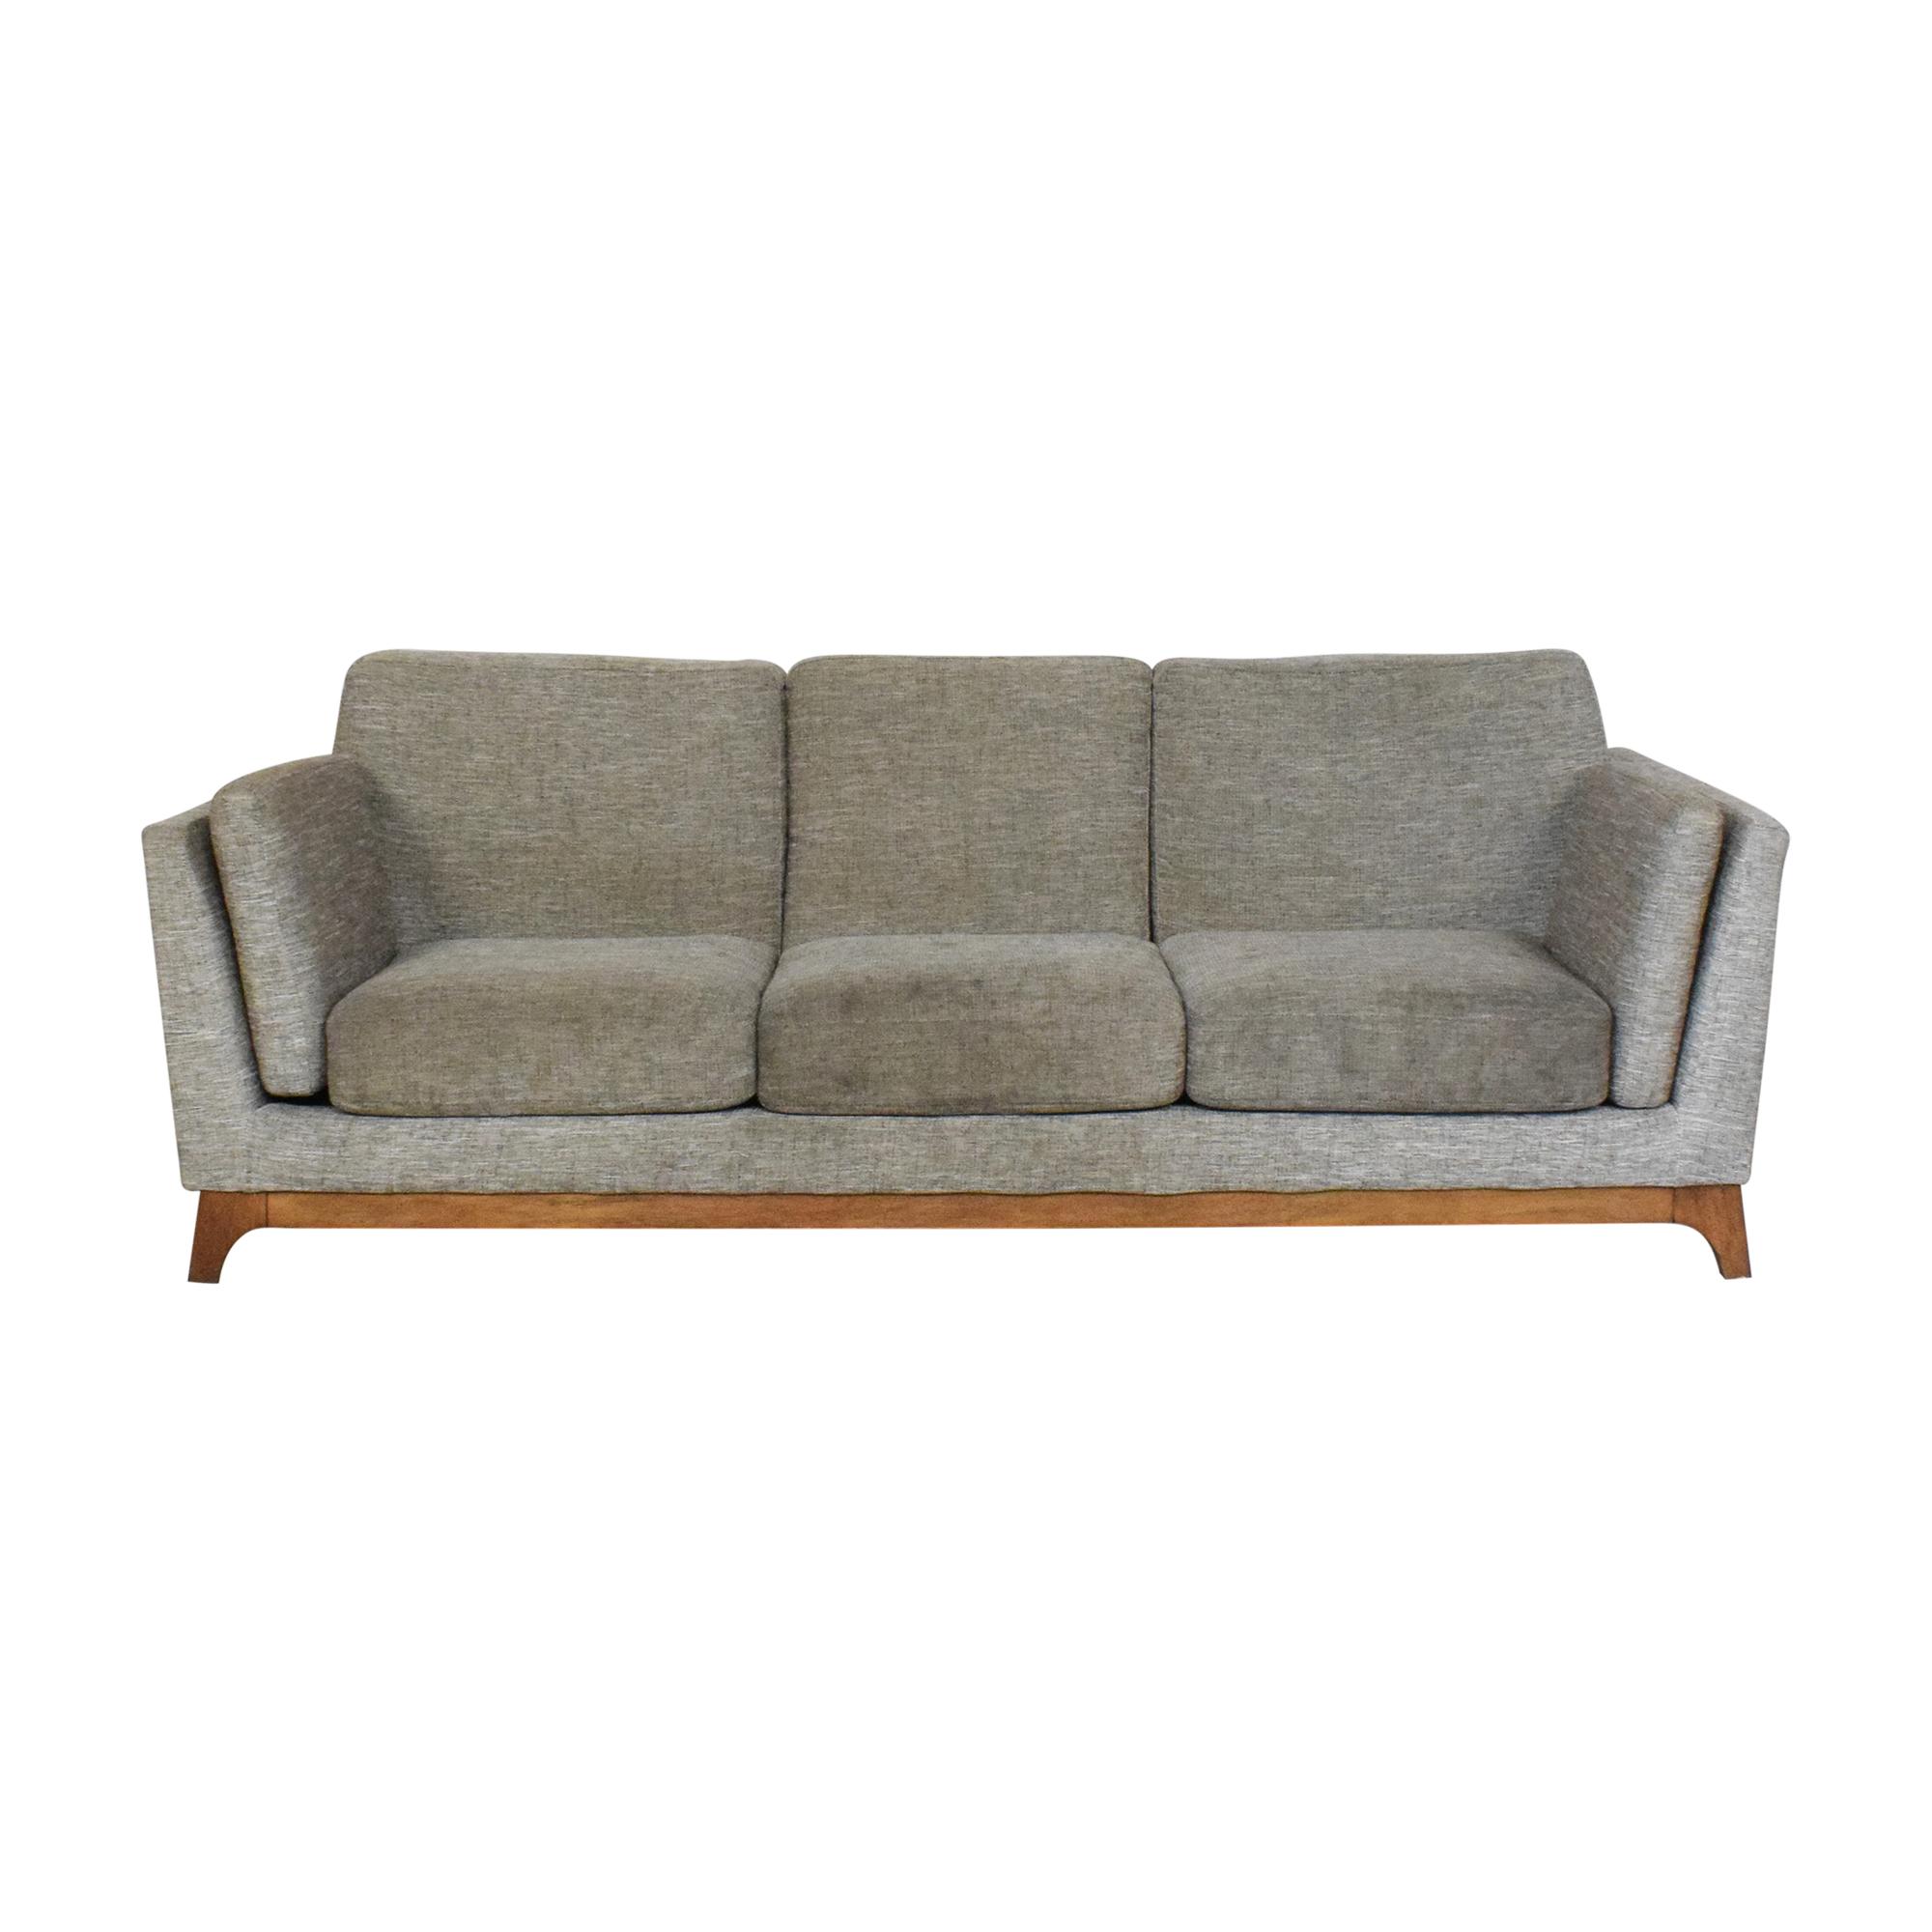 Article Article Ceni Three Cushion Sofa for sale